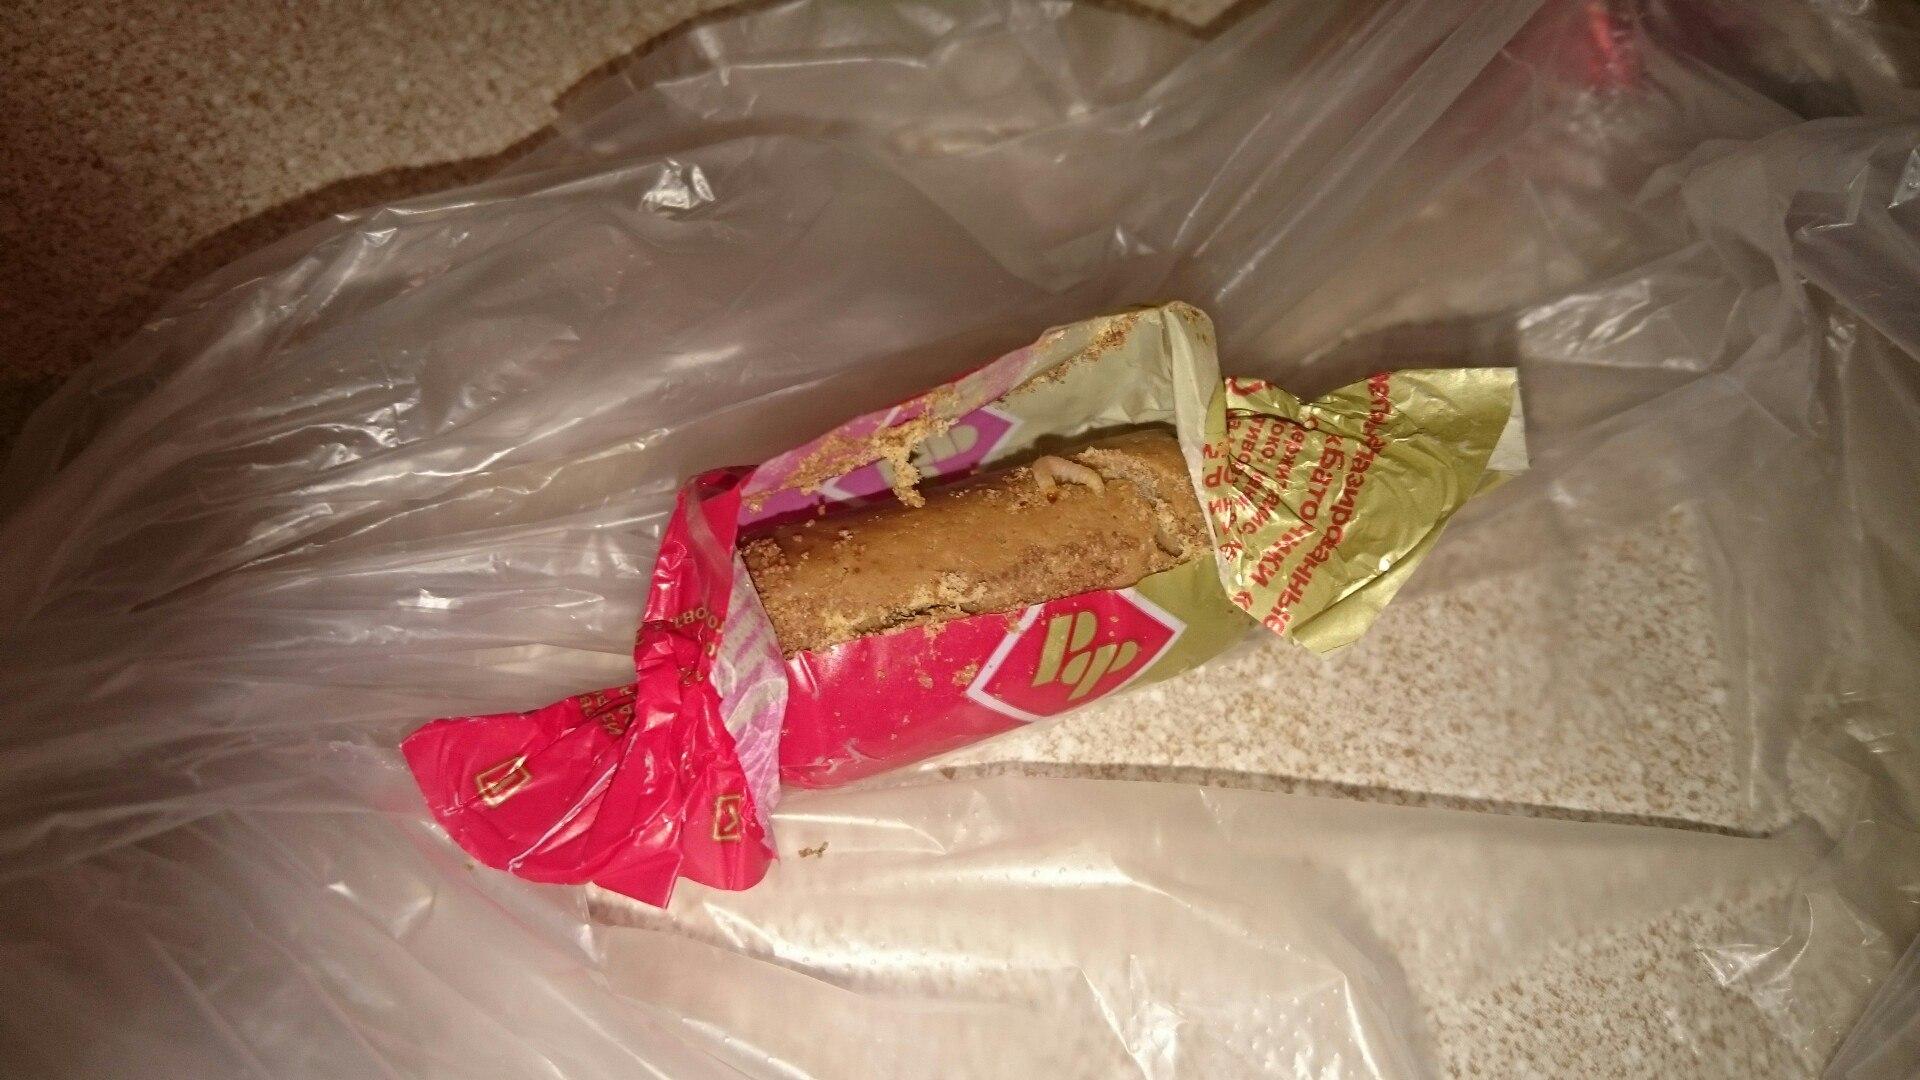 Жительница Воронежа обнаружила в купленных конфетах личинки моли